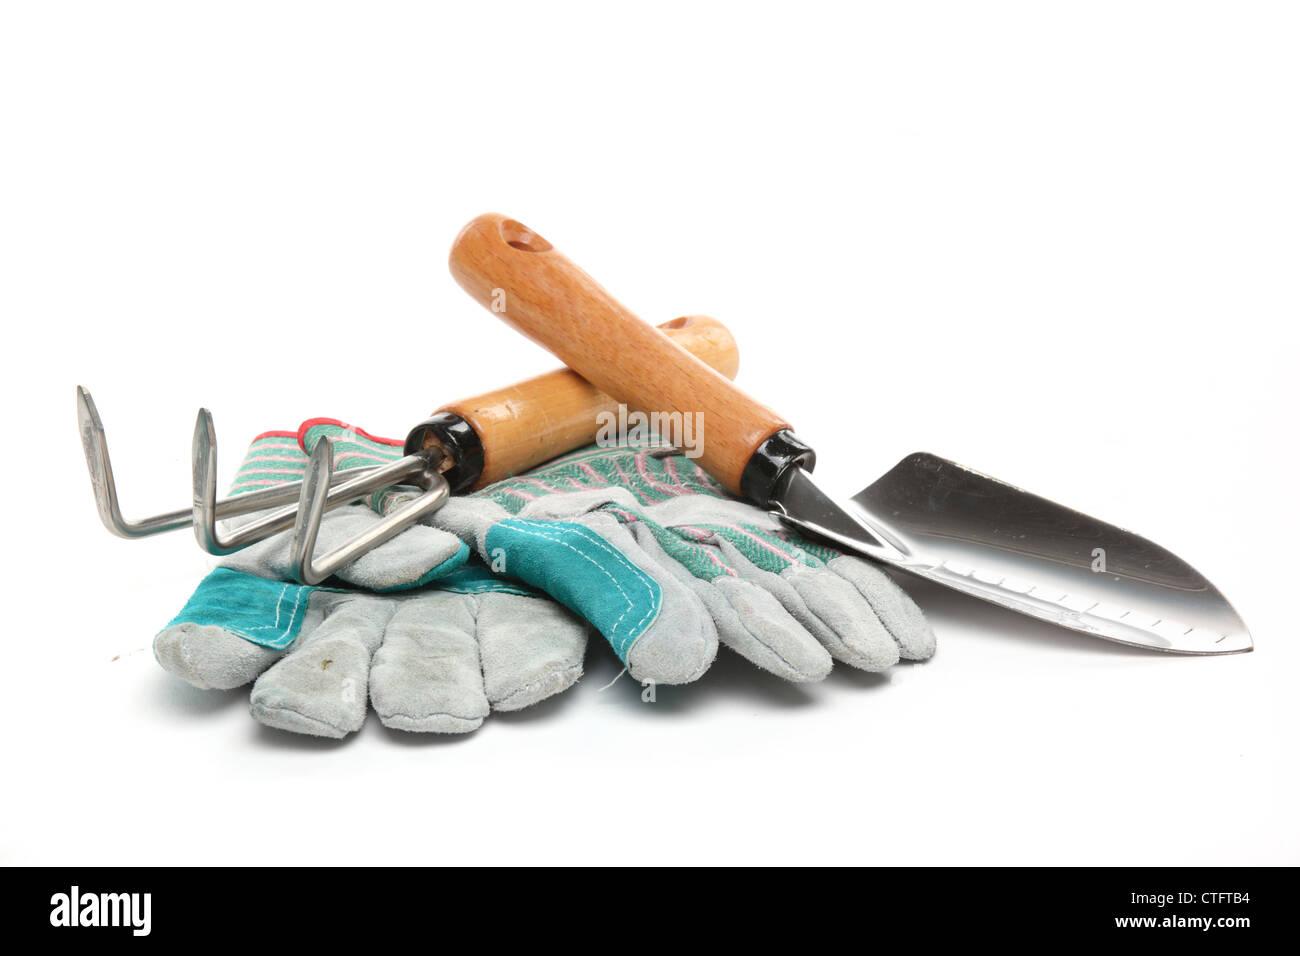 Shovel,rake and gloves isolated on white. - Stock Image